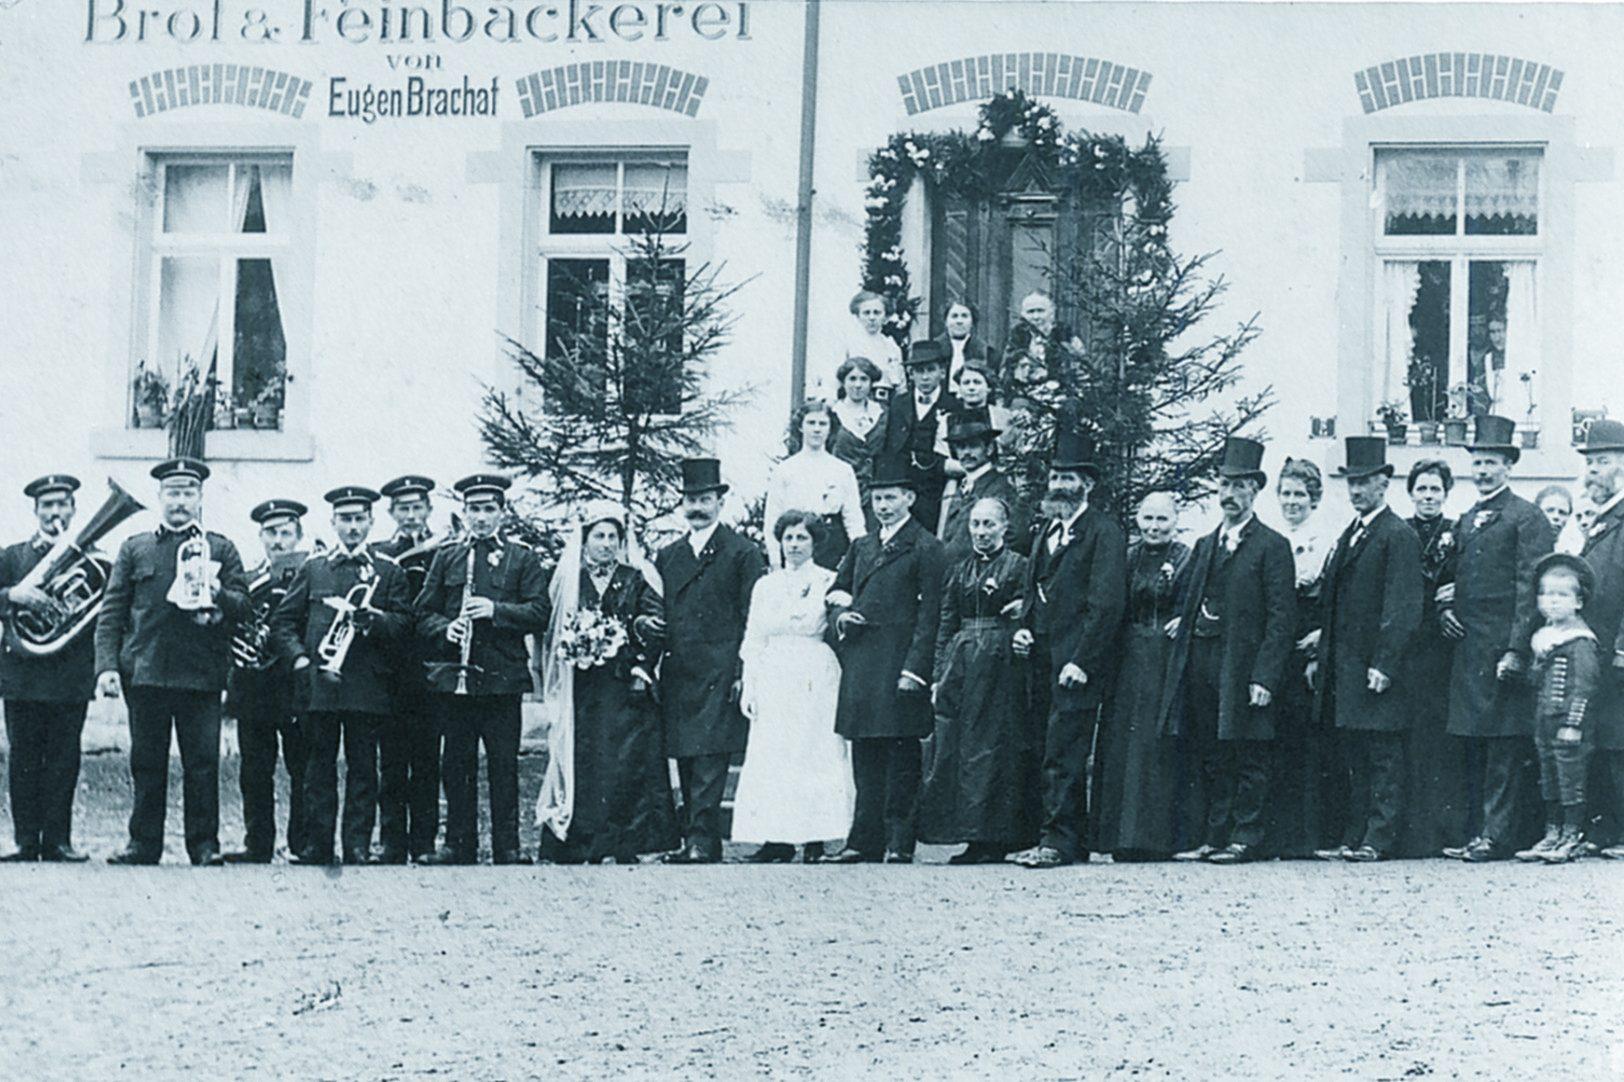 1923 - Hochzeit Brachats erstes Foto Musikverein Dingelsdorf